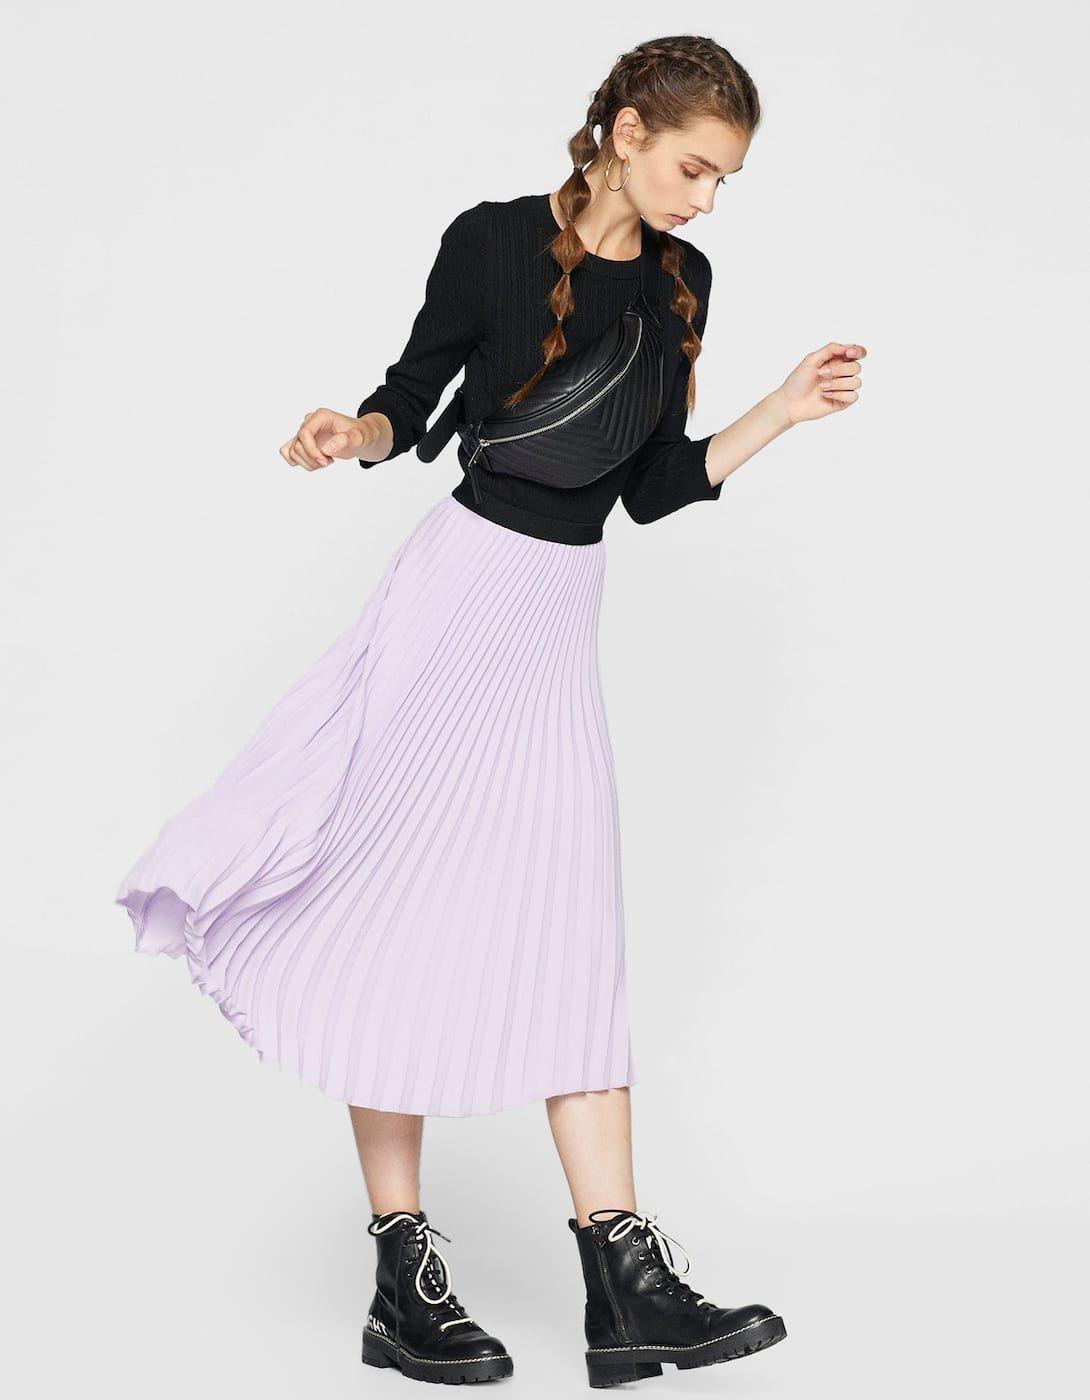 7eb42a0bc6 Falda plisada cintura elástica - Nuevo | Stradivarius España - Islas  Canarias Elastic Waist Skirt,